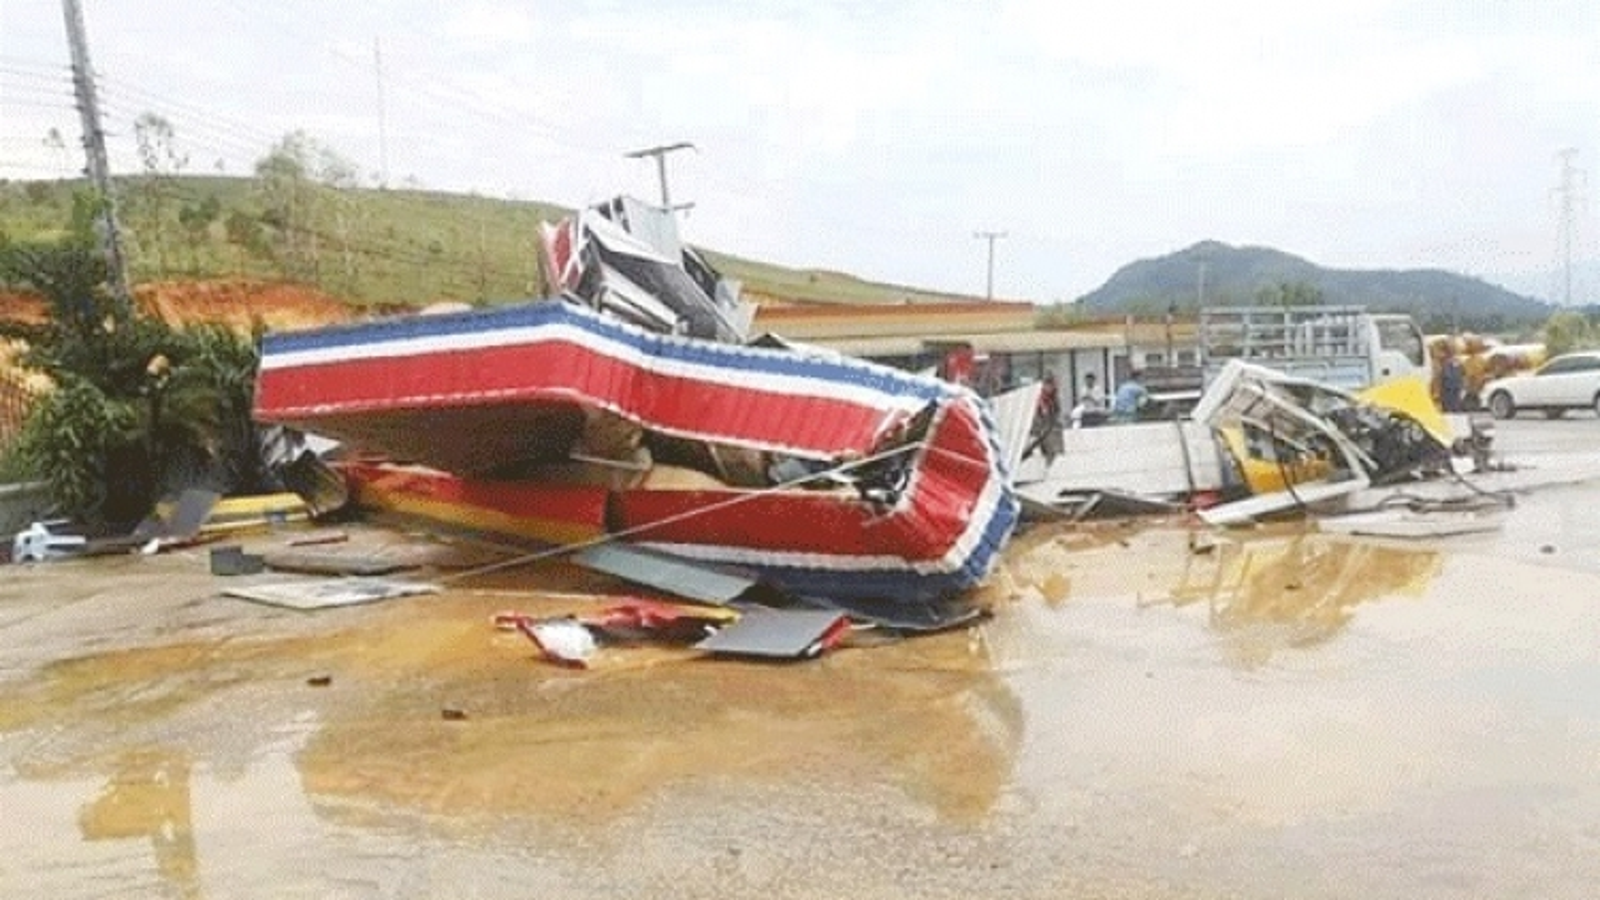 Giông lốc, mưa đá nghiêm trọng tại Lào khiến 7 người chết